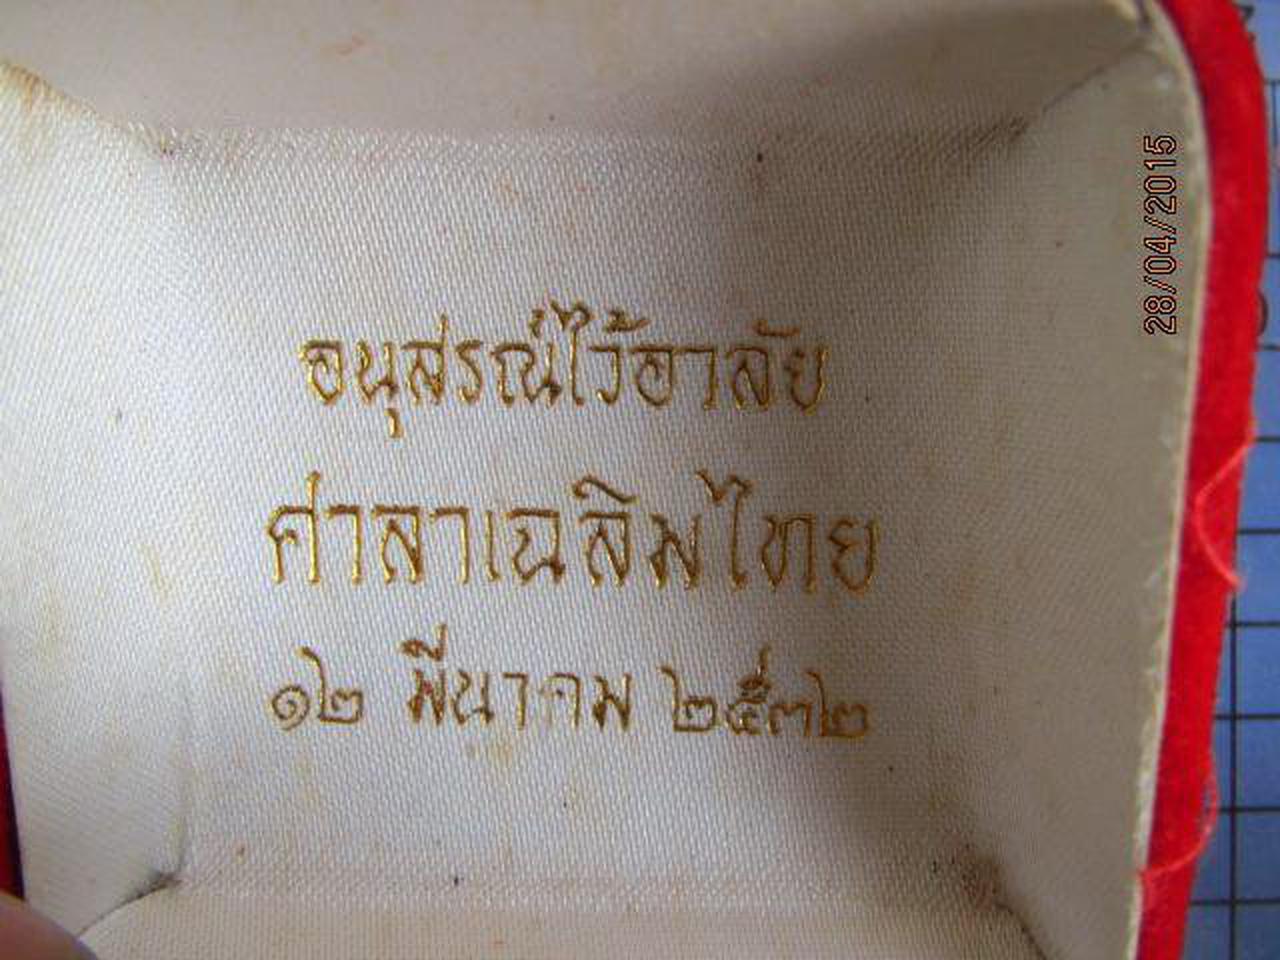 1897 เข็มกัดเน็กไท้ อนุสรณ์ไว้อาลัยศาลาเฉลิมไทย 12 มี.ค. 253 รูปที่ 1